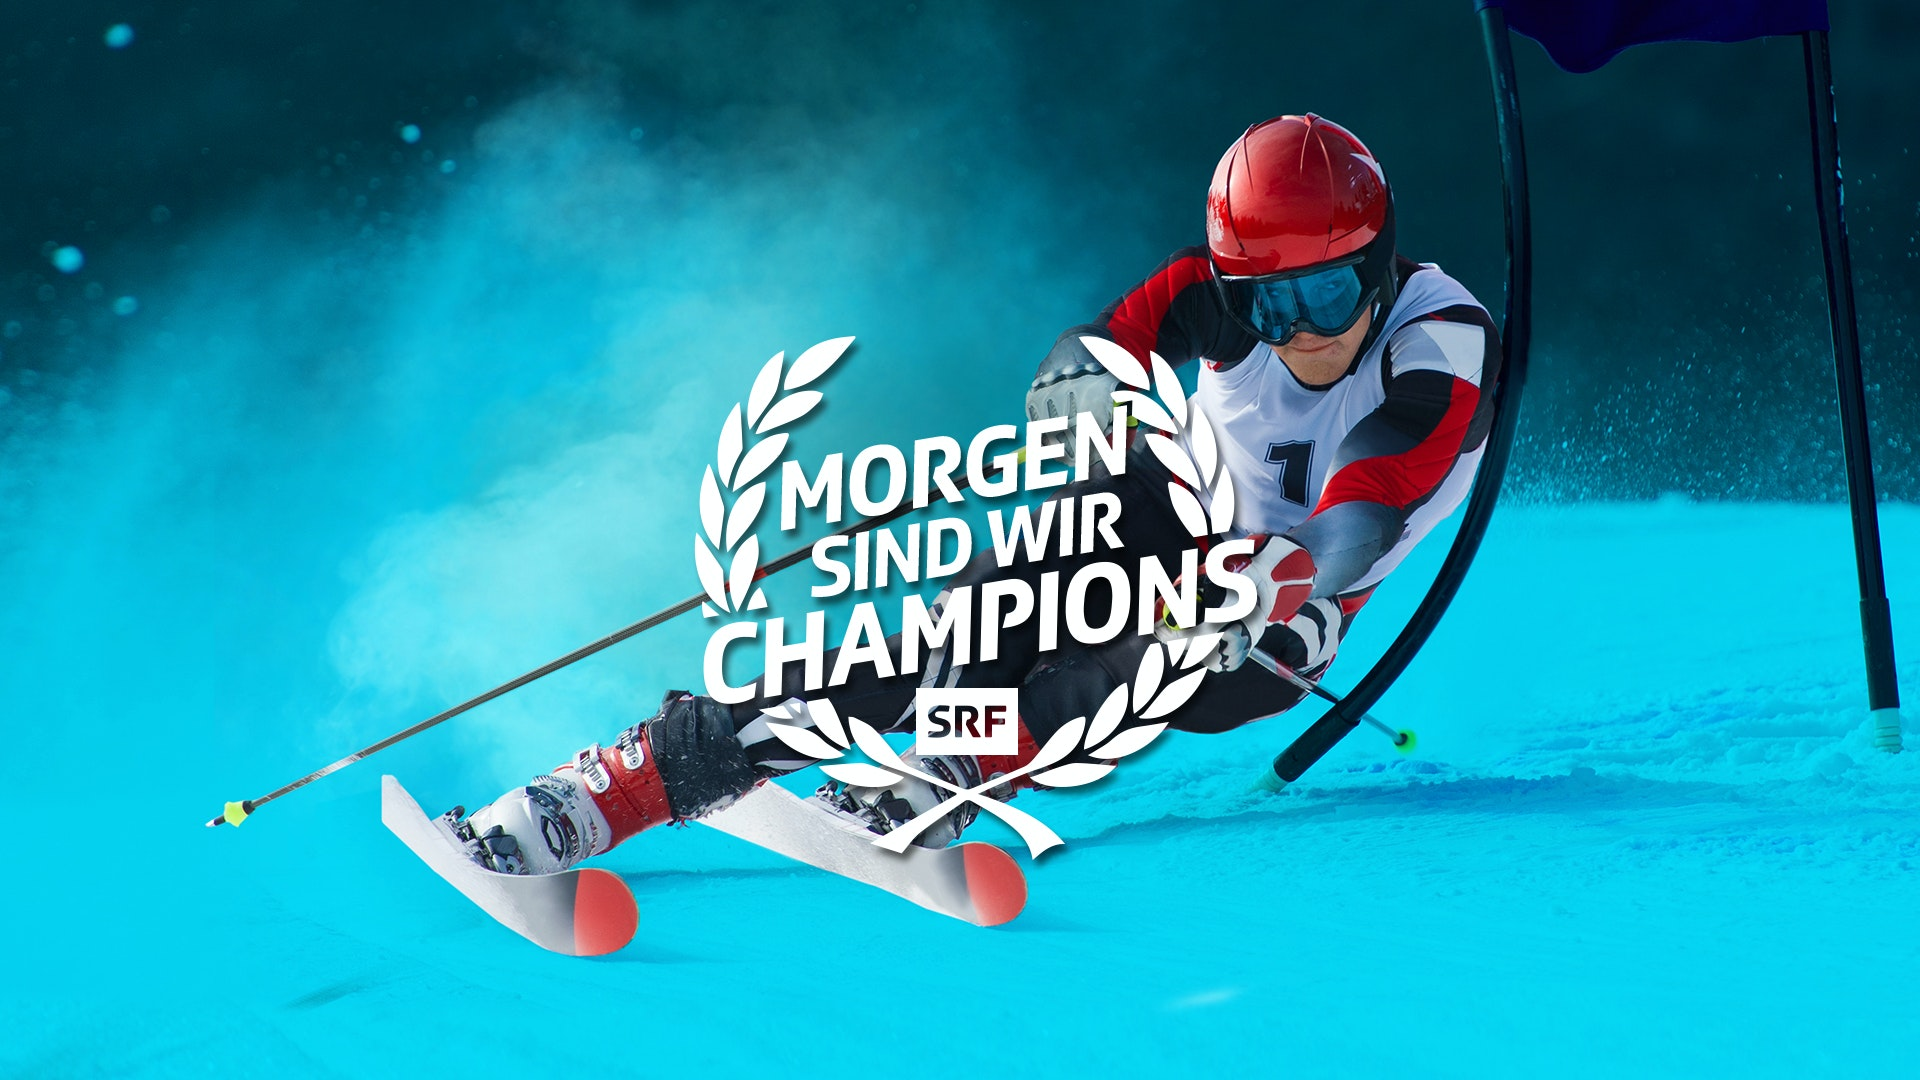 Morgen sind wir Champions Ski Keyvisual MASTER